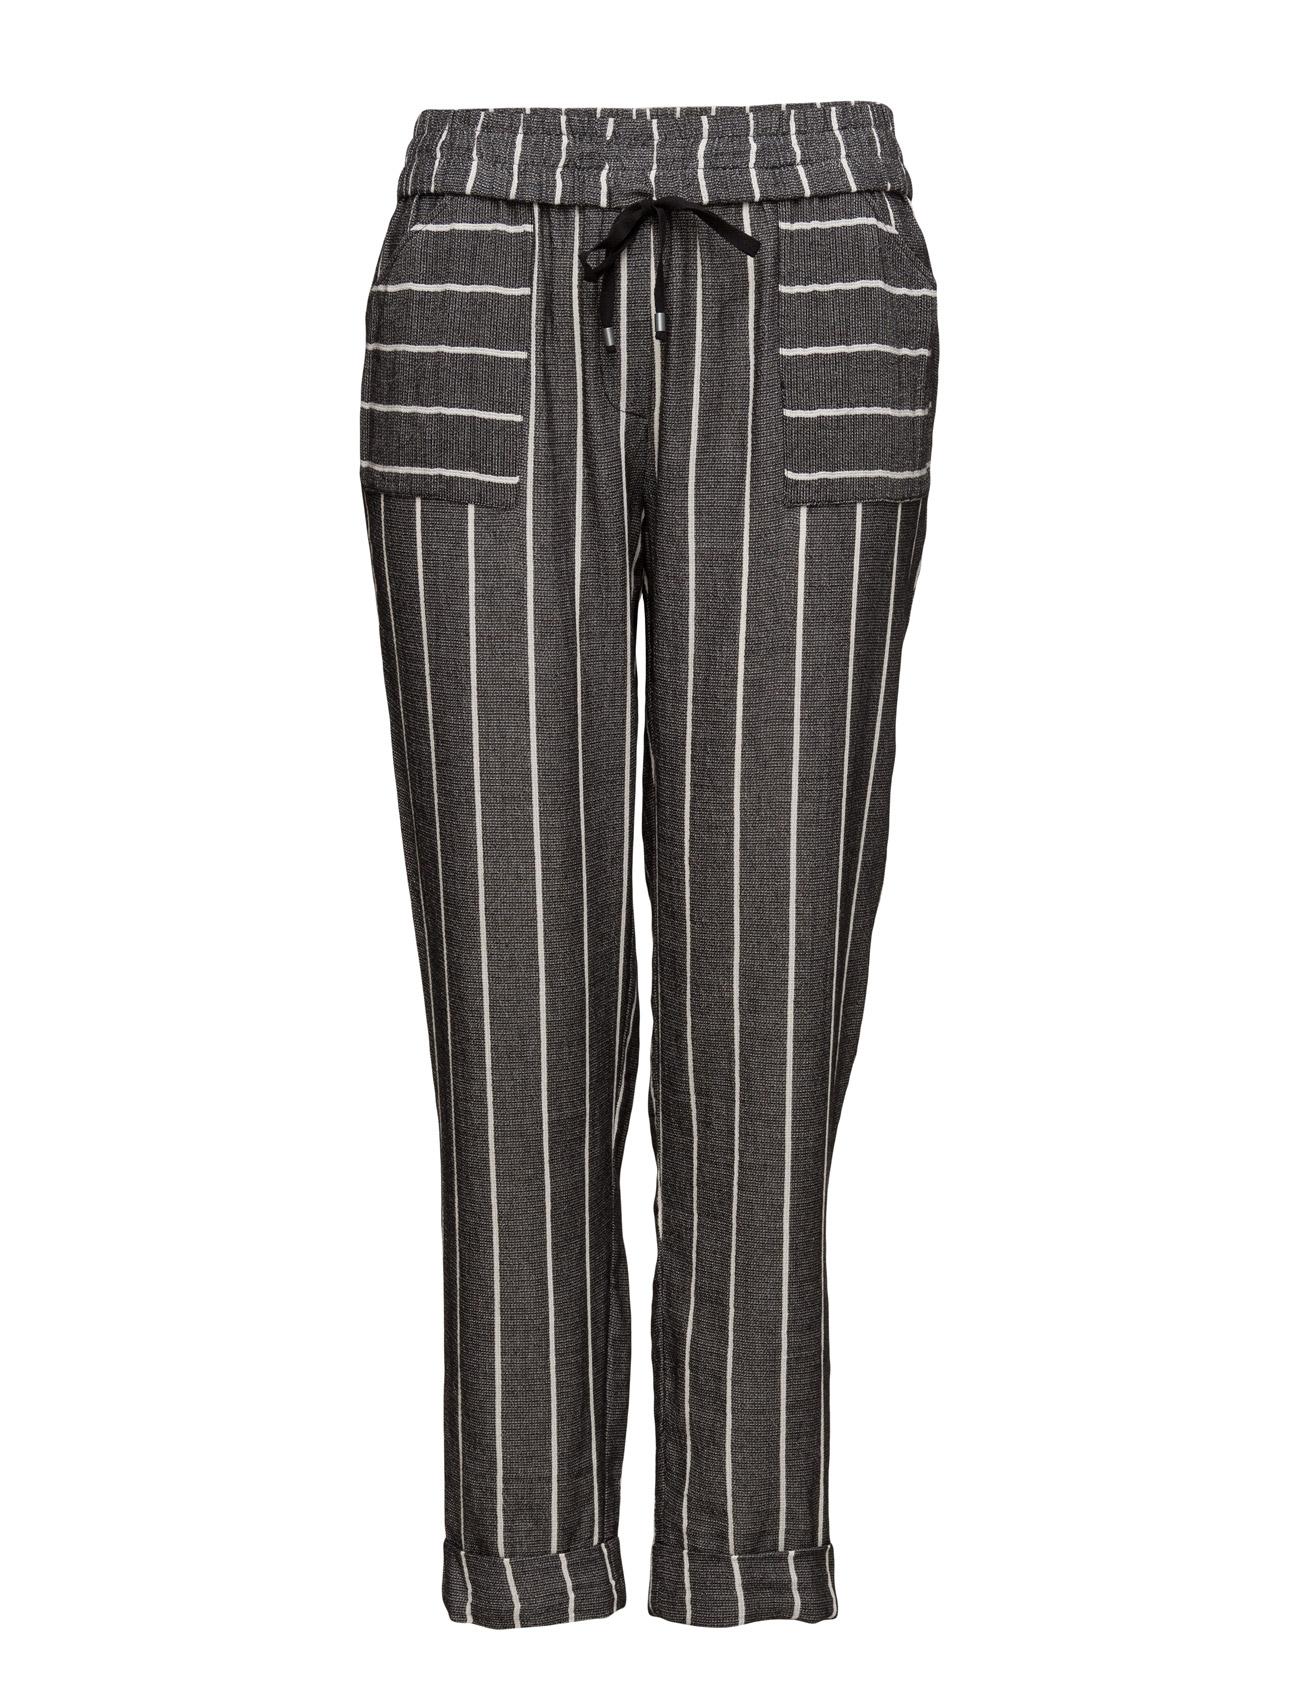 Striped Cotton Trousers Violeta by Mango Trompetbukser til Kvinder i Mellem grå